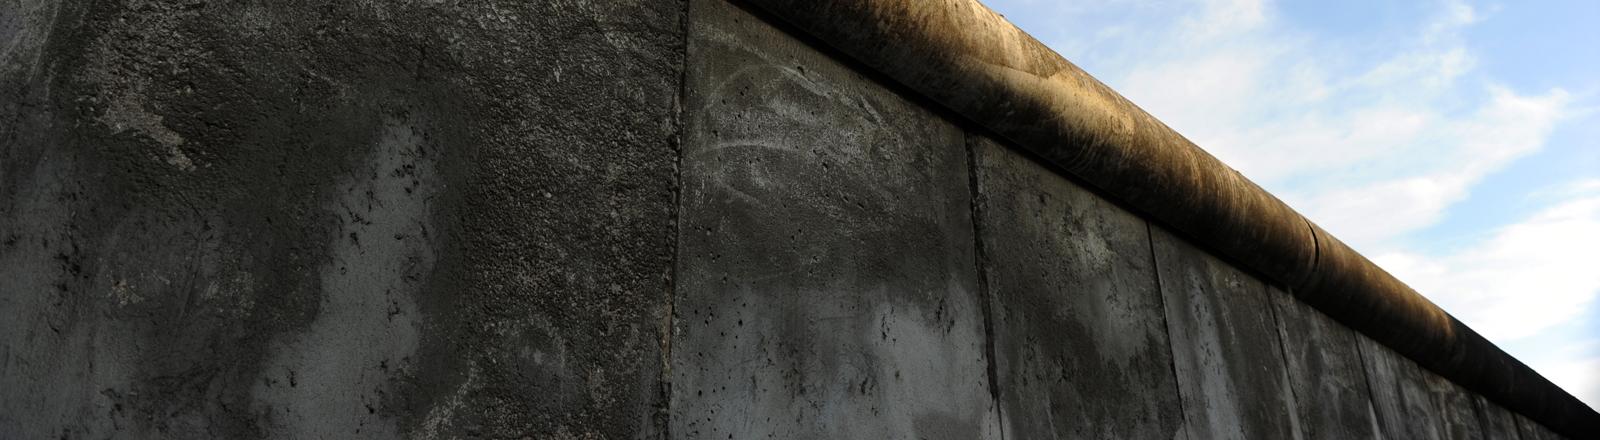 Mauersegment mit Betonrolle, die das Überklettern verhindern sollten, in der Gedenkstätte Berliner Mauer an der Bernauer Straße in Berlin, aufgenommen am 23.6.2011.